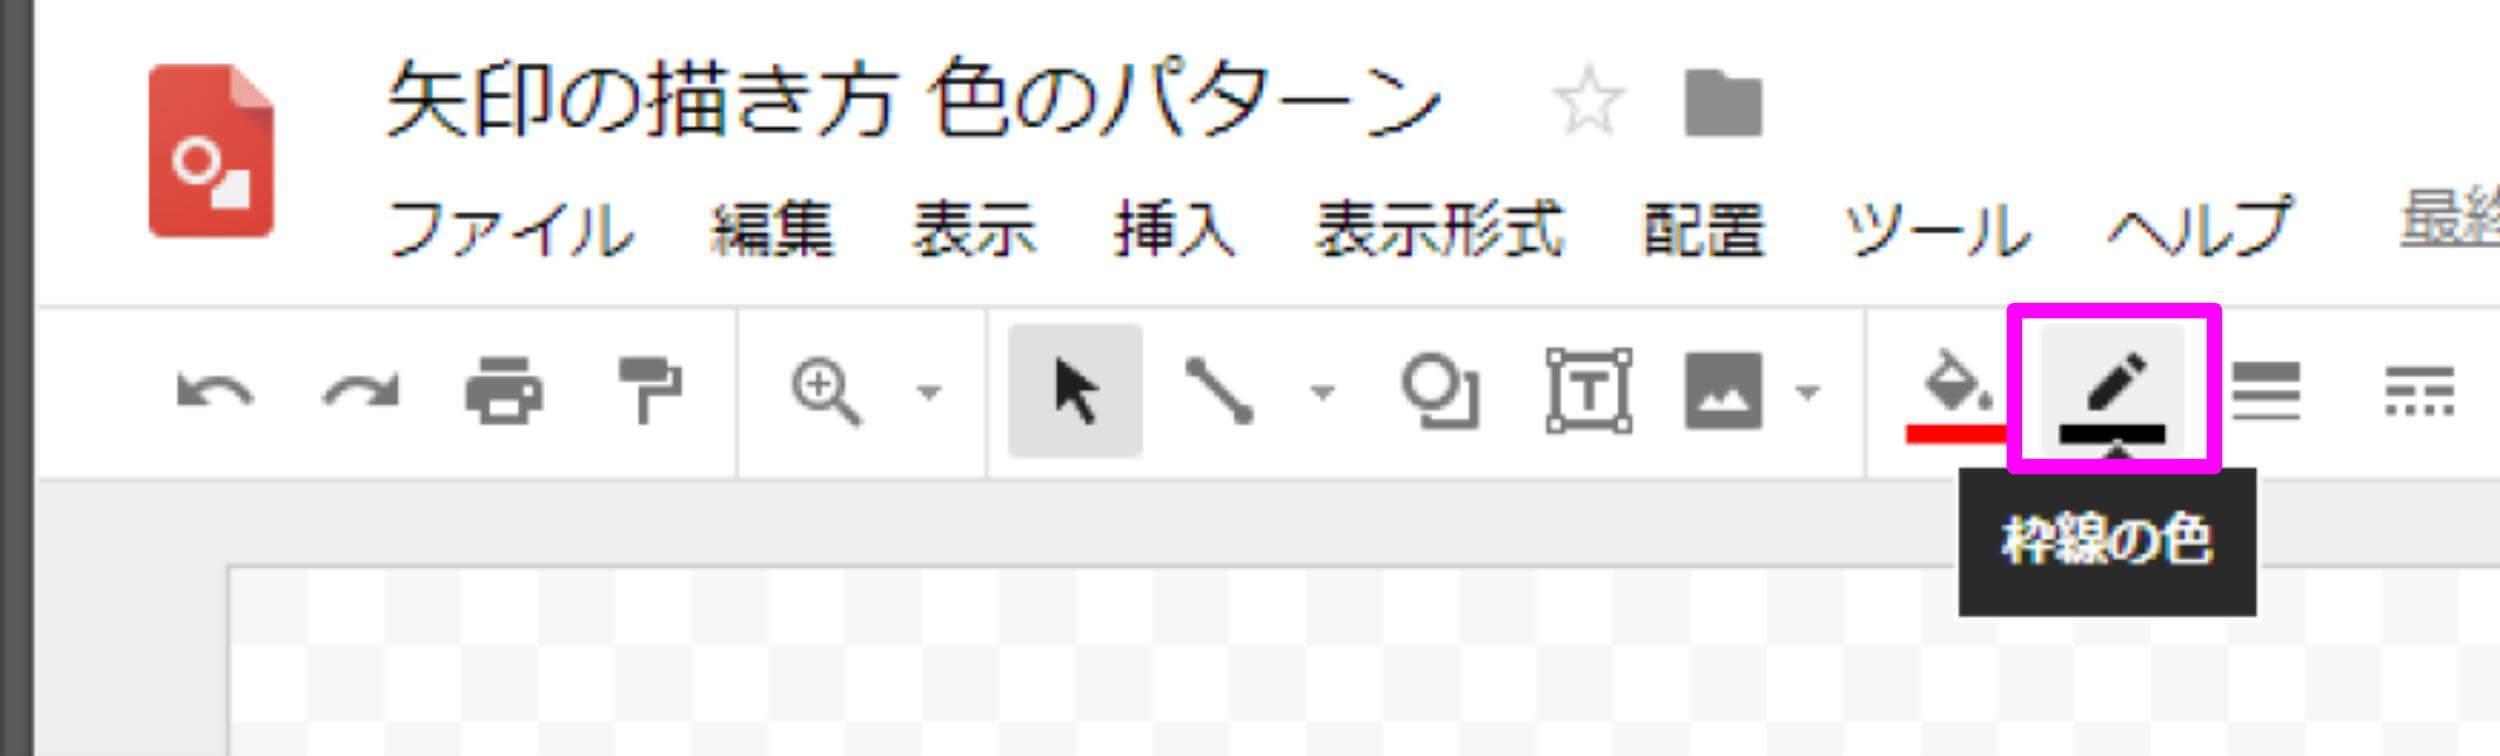 Google図形描画 ツールバー枠線の色